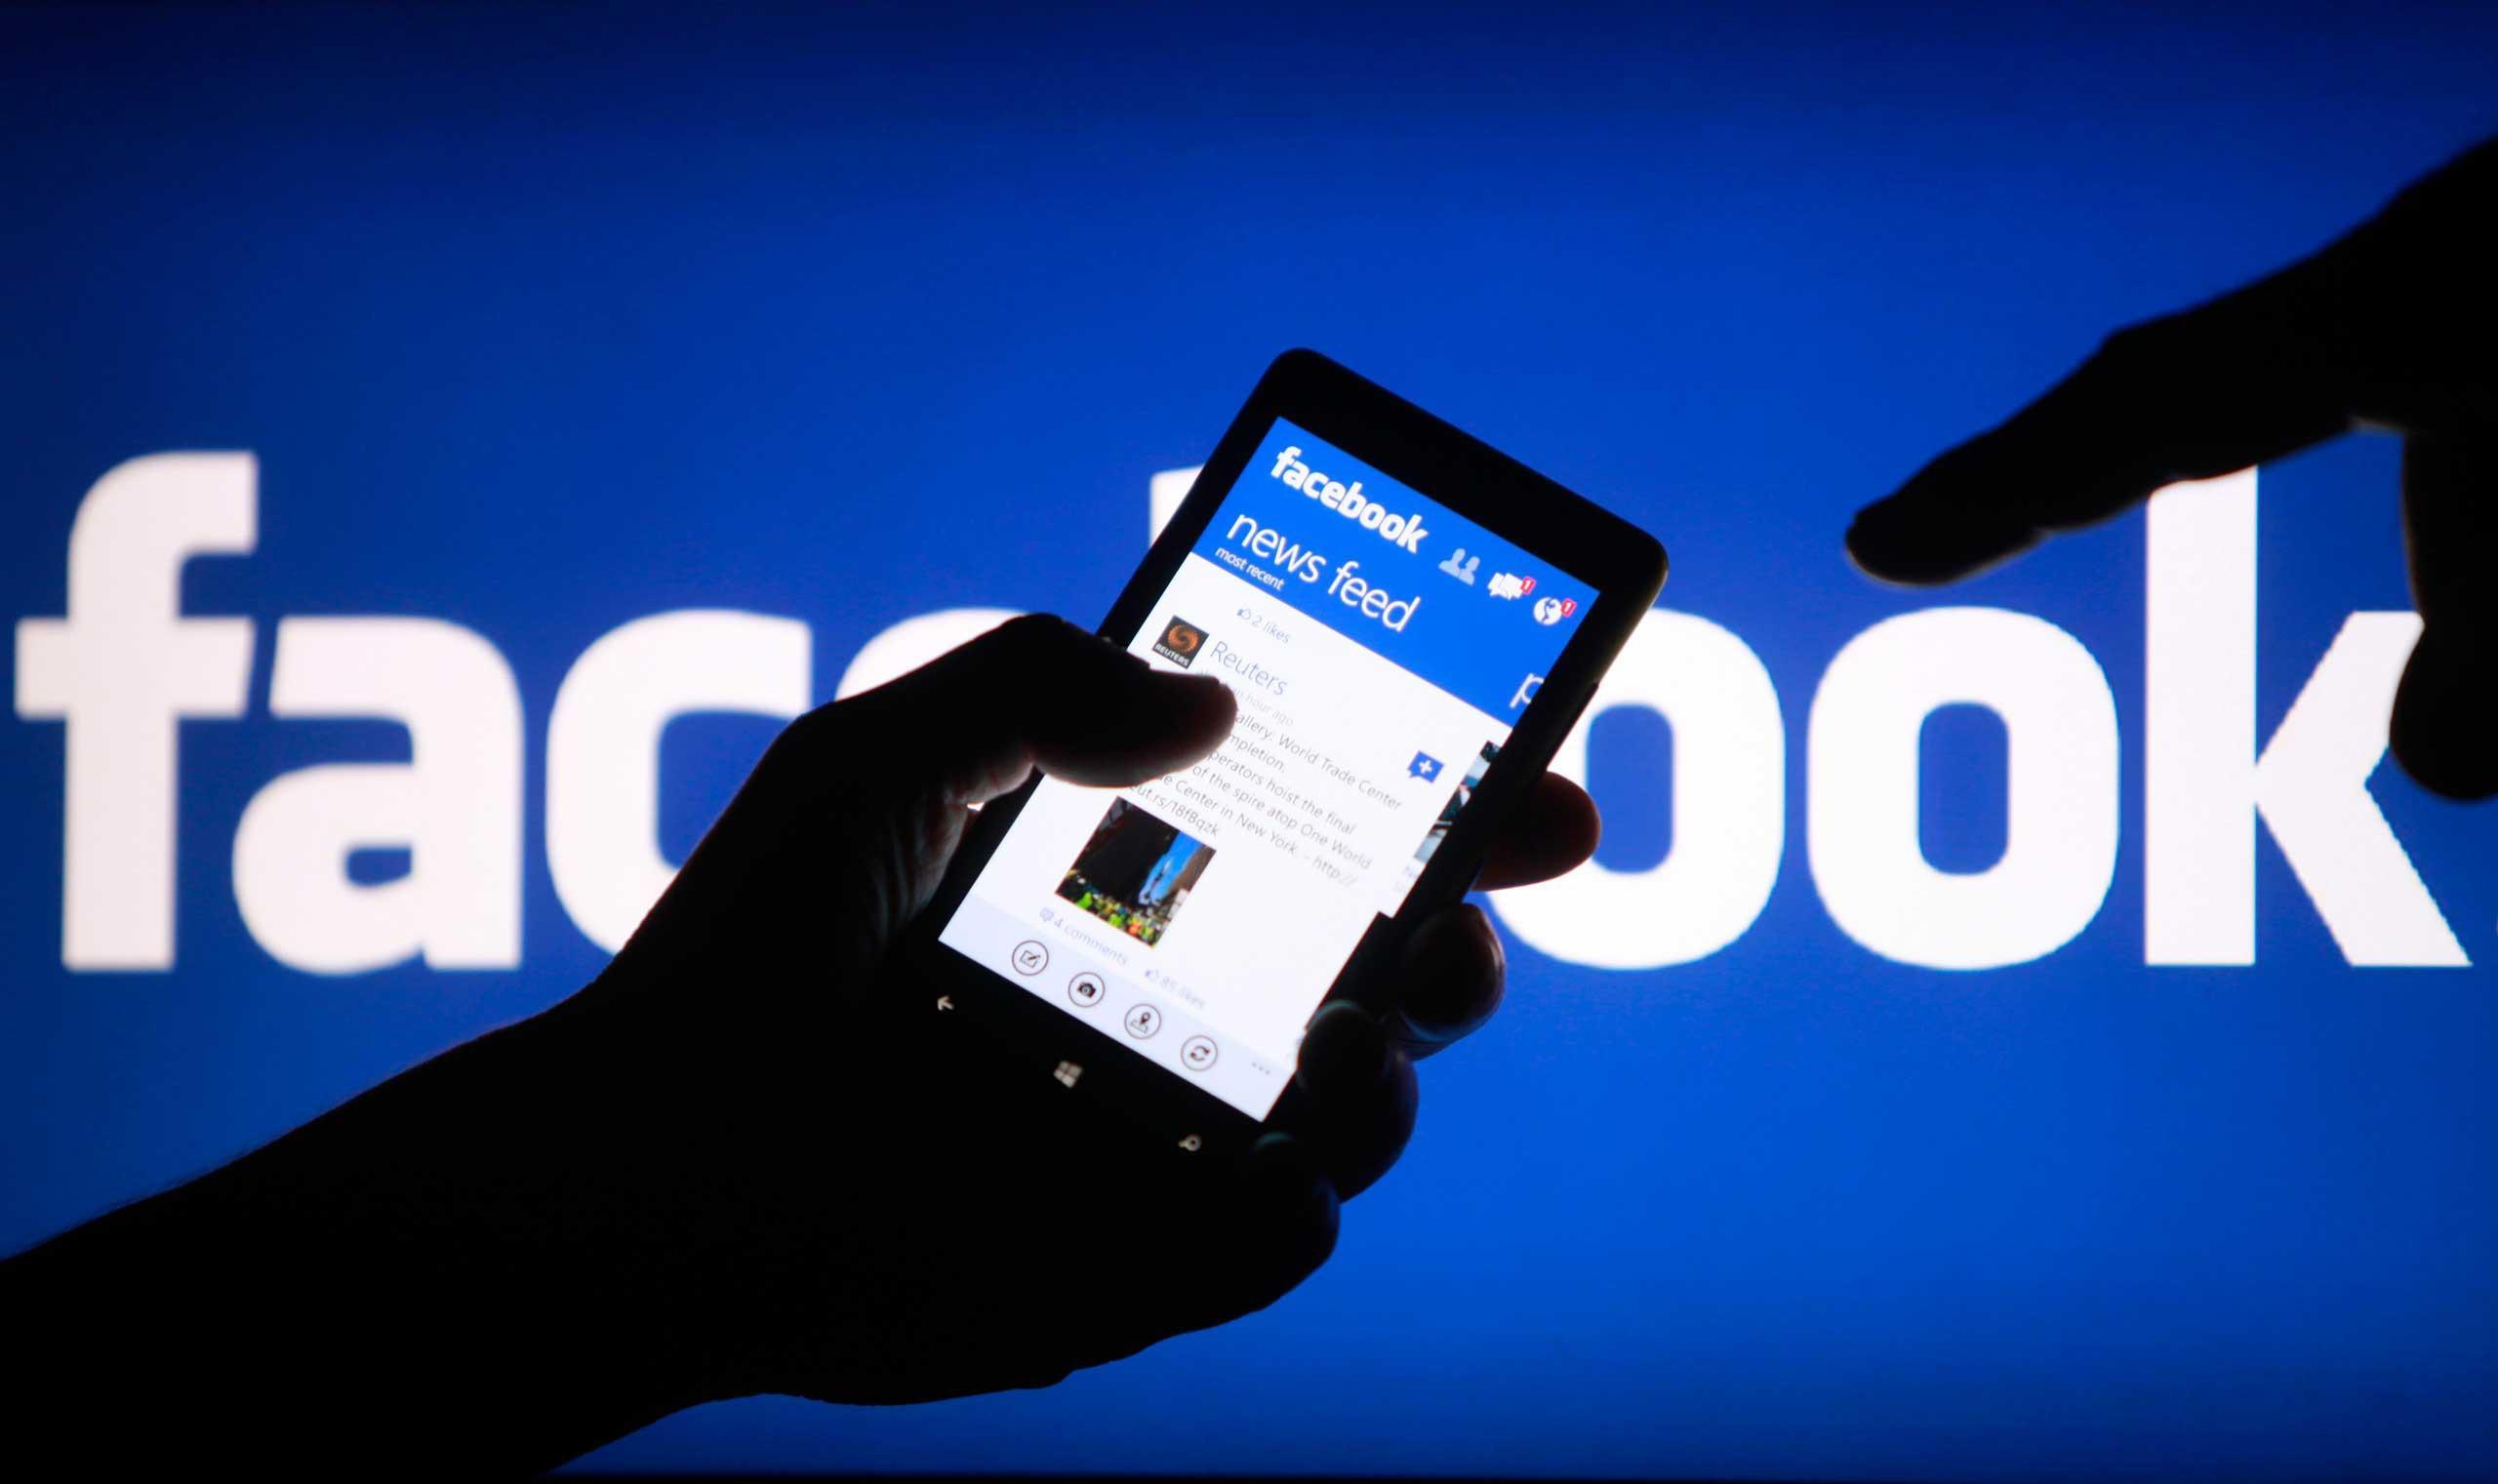 Facebook công bố tính năng chuyển ảnh và video sang Google Photos Ảnh 1